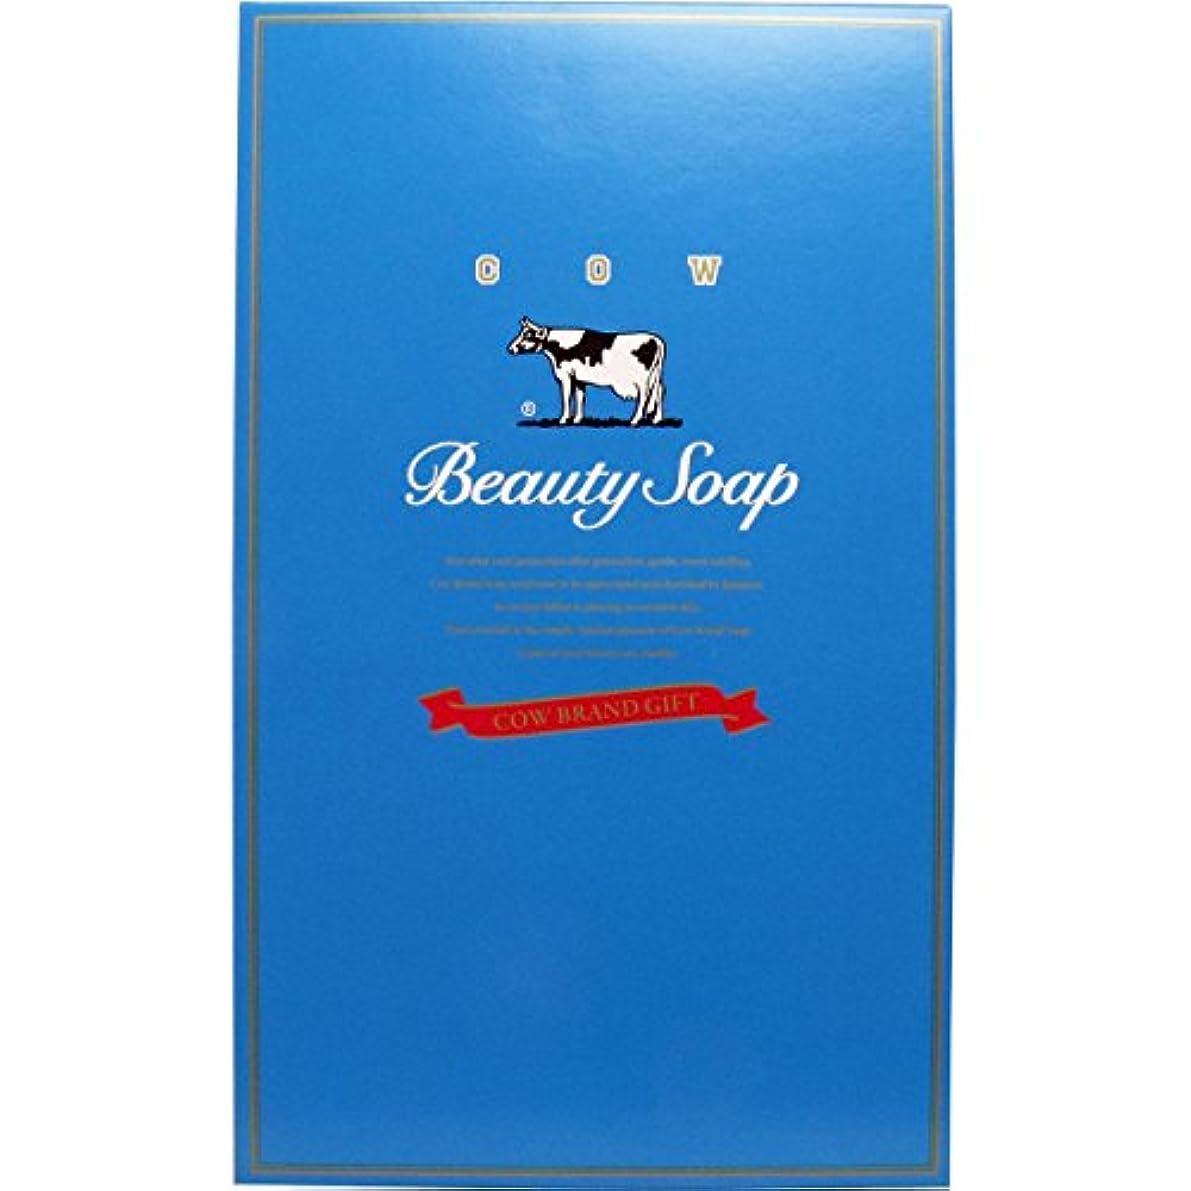 お願いしますバインド闇カウブランド 青箱 10コ入 × 10個セット